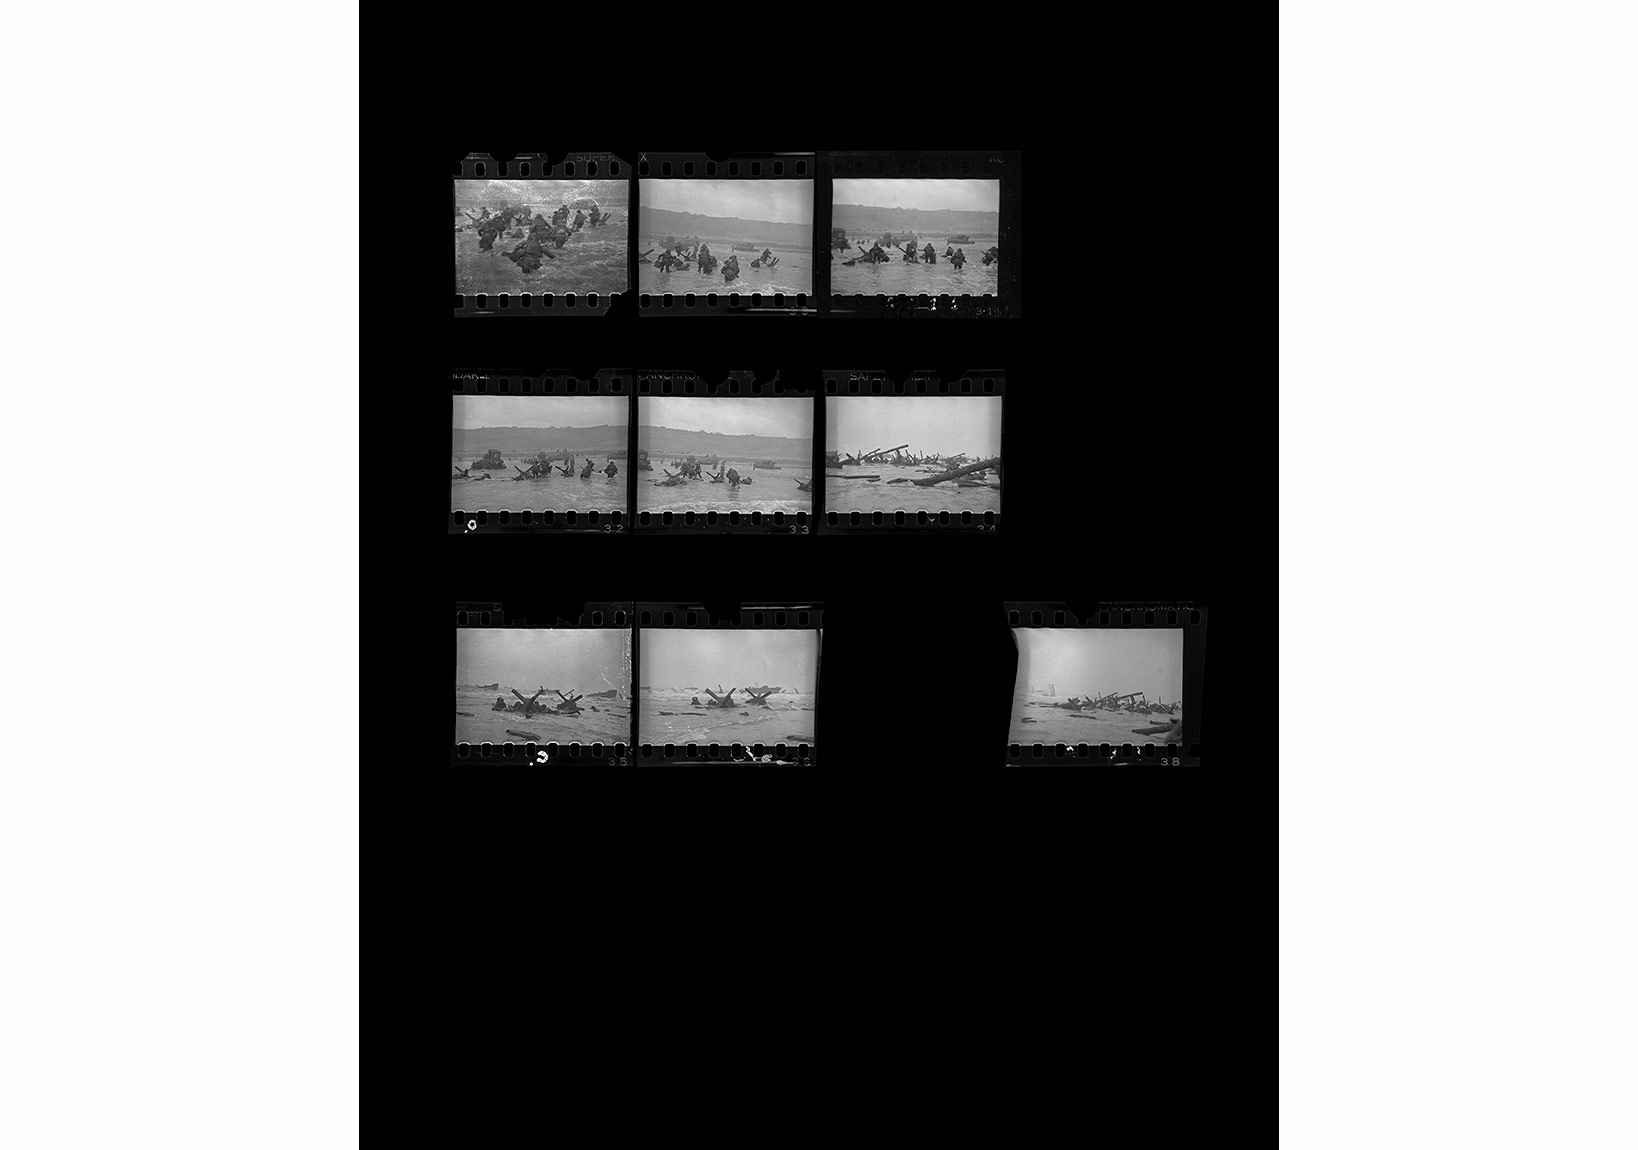 Robert Capa © International Center of Photography,Omaha Plajı, Normandiya, Fransa, 6 Haziran 1944. Şafakta karaya çıkan öncü Amerikan askerleri. Kontakt Baskı